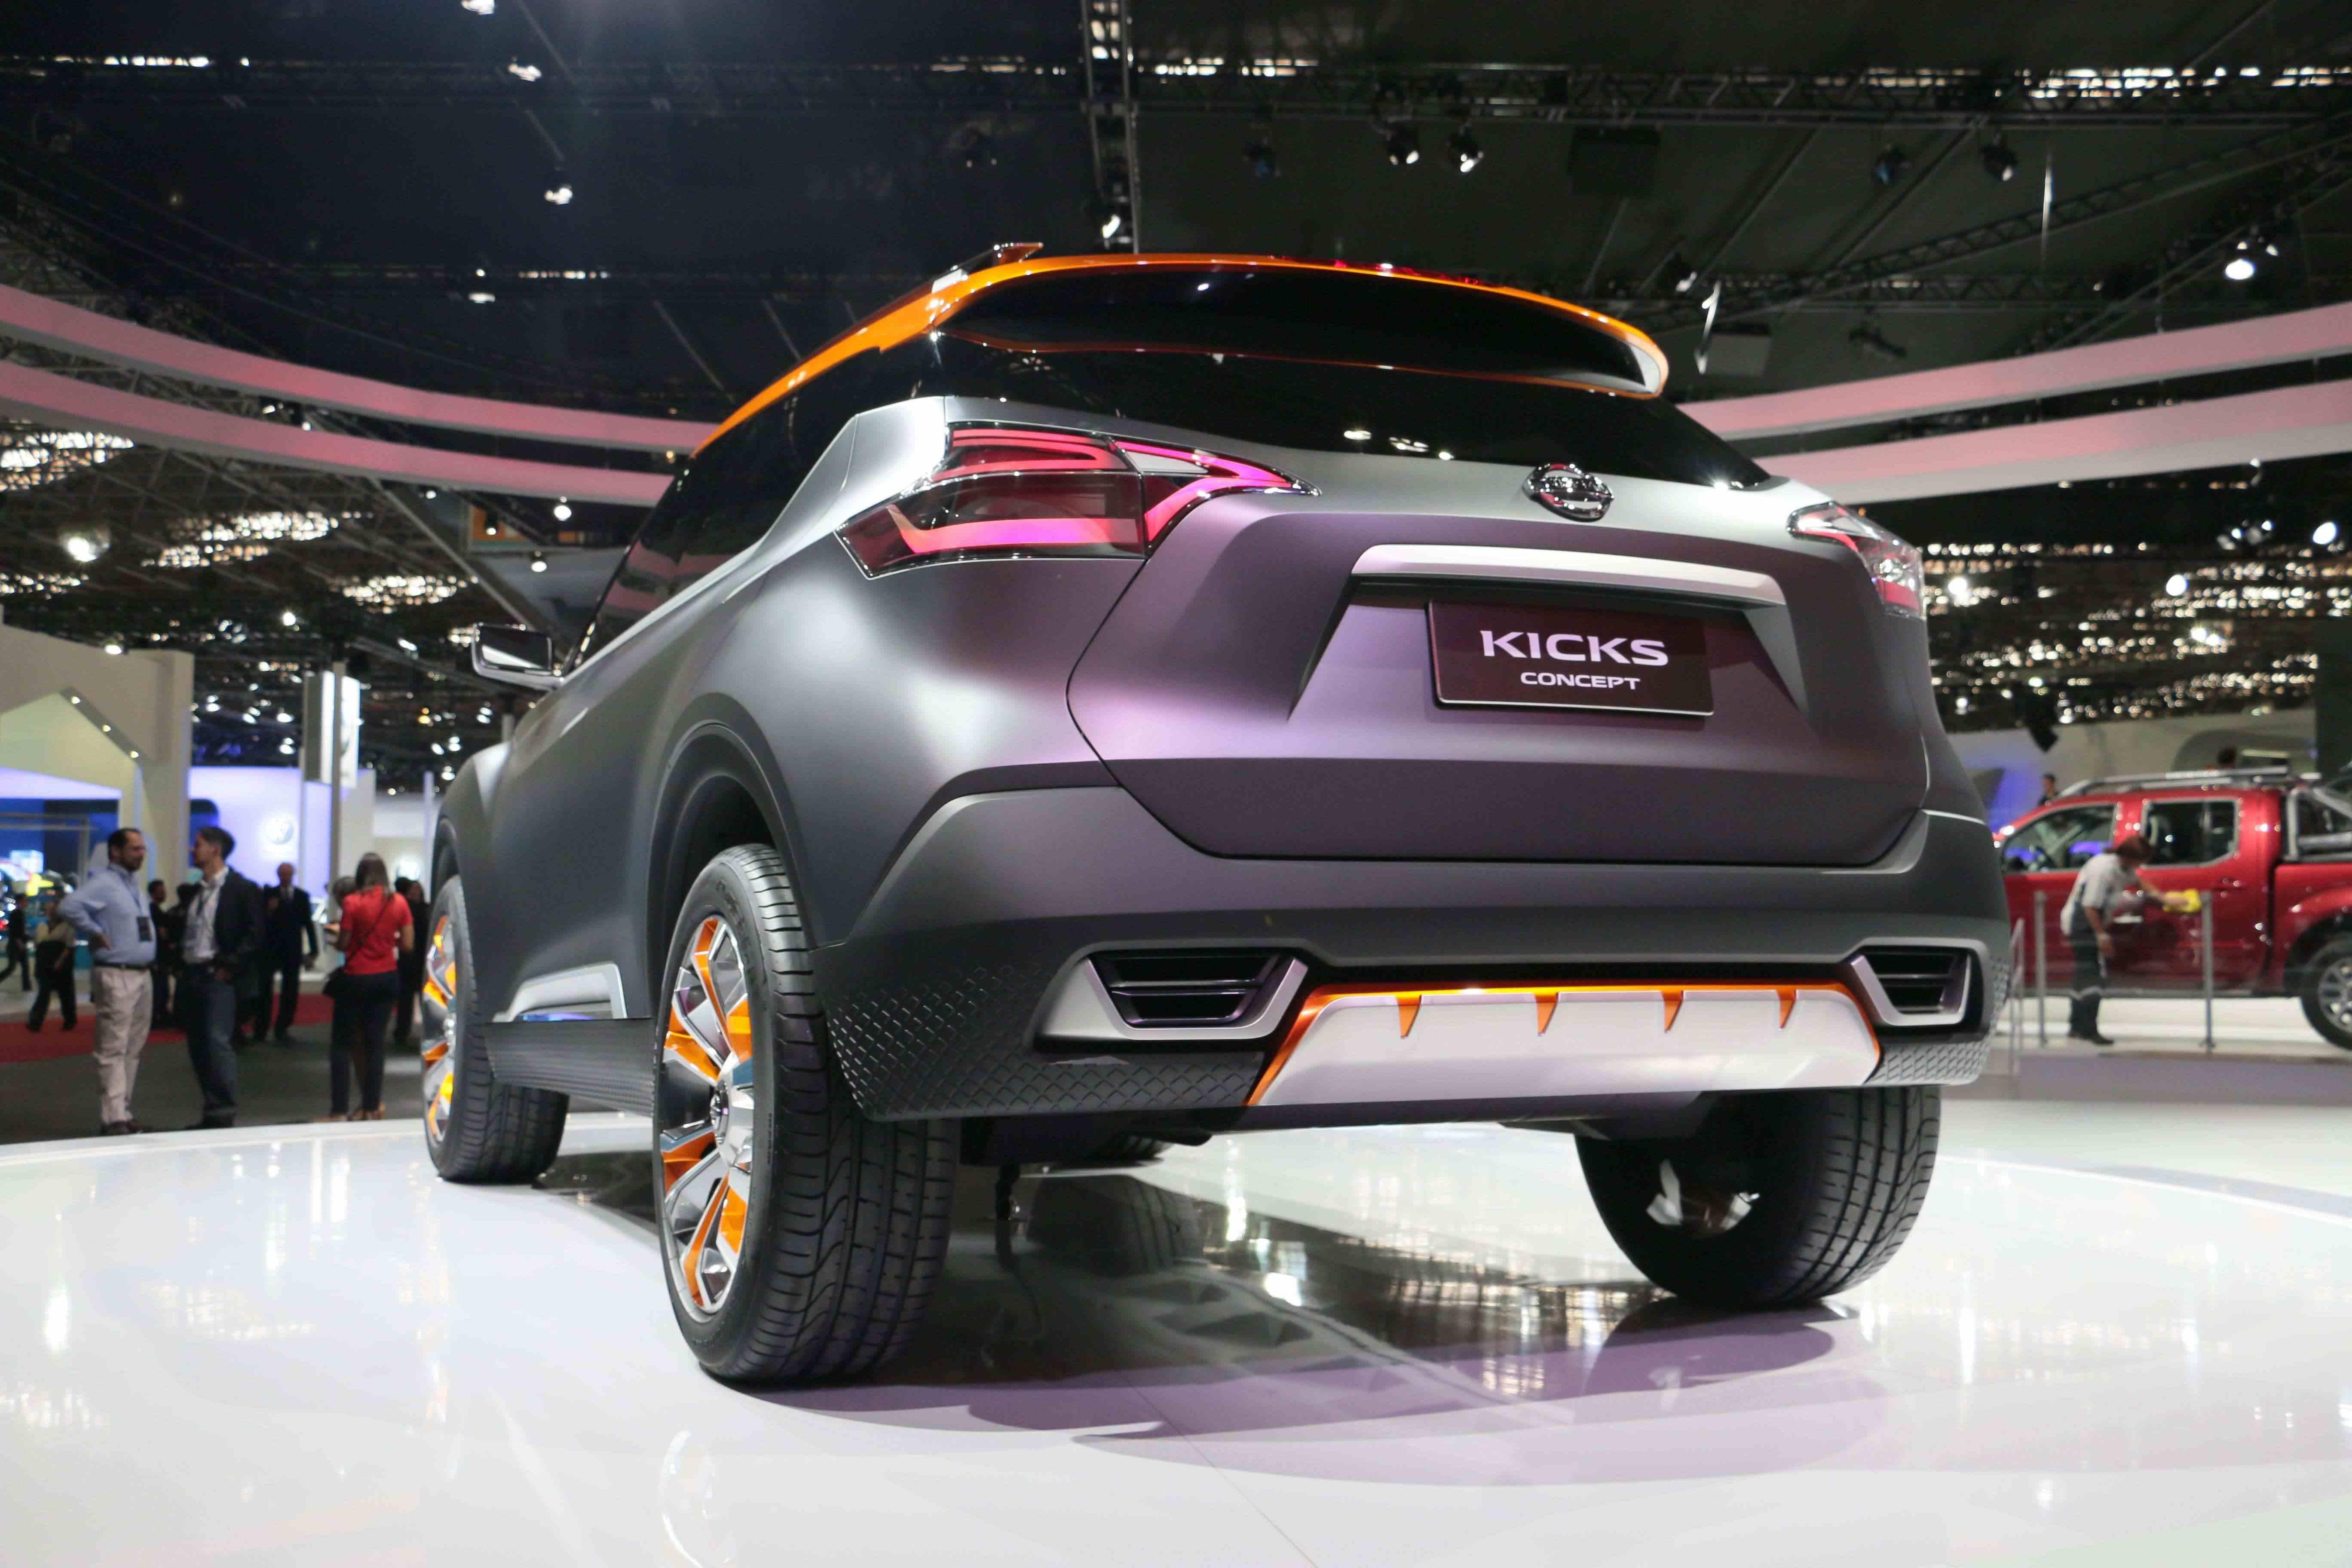 Nissan Kicks Concept pronto para fascinar o público no Salão Internacional do Automóvel de São Paulo.